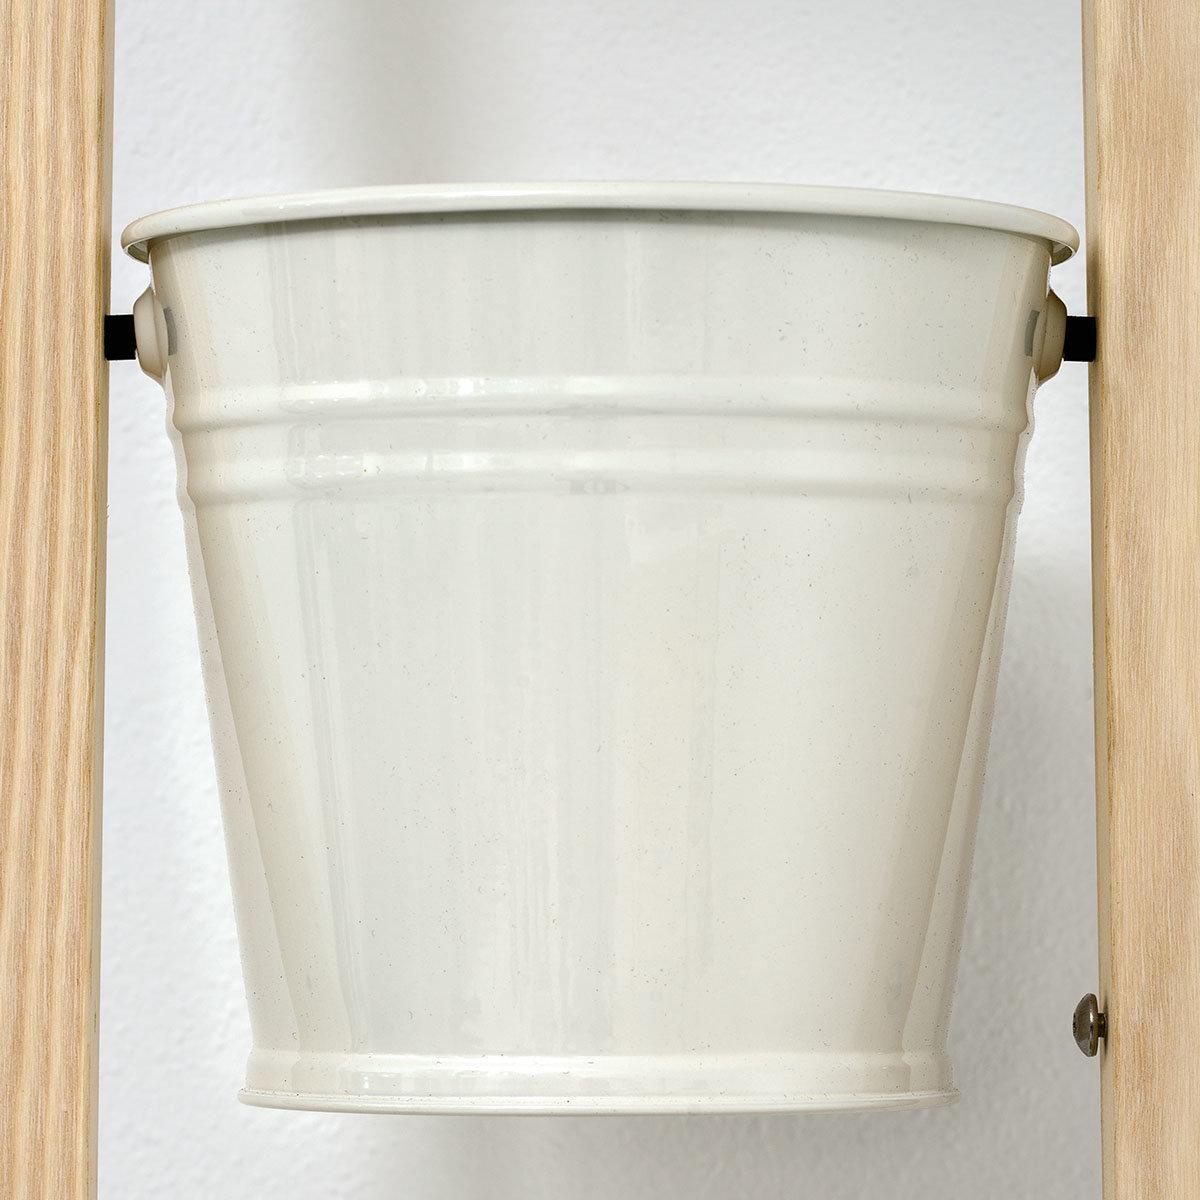 Pflanzleiter mit Topf 2-in-1 ,238x22x42 cm, Eschenholz, weiß | #4